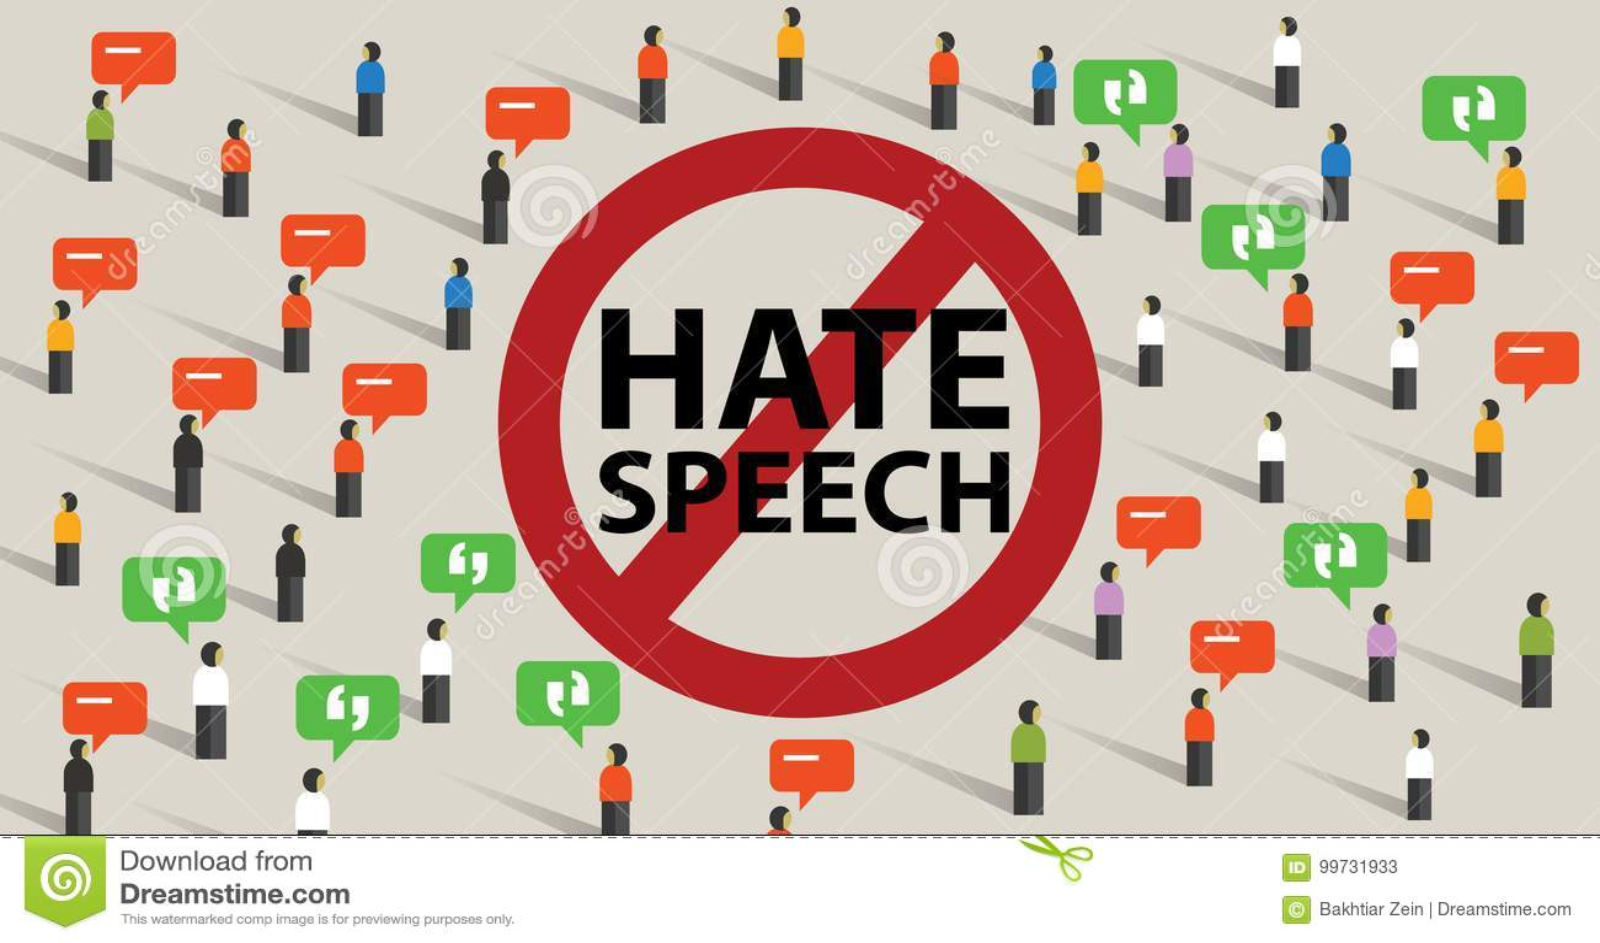 从评论积极的通信停止仇恨言论冲突暴力开始由人群